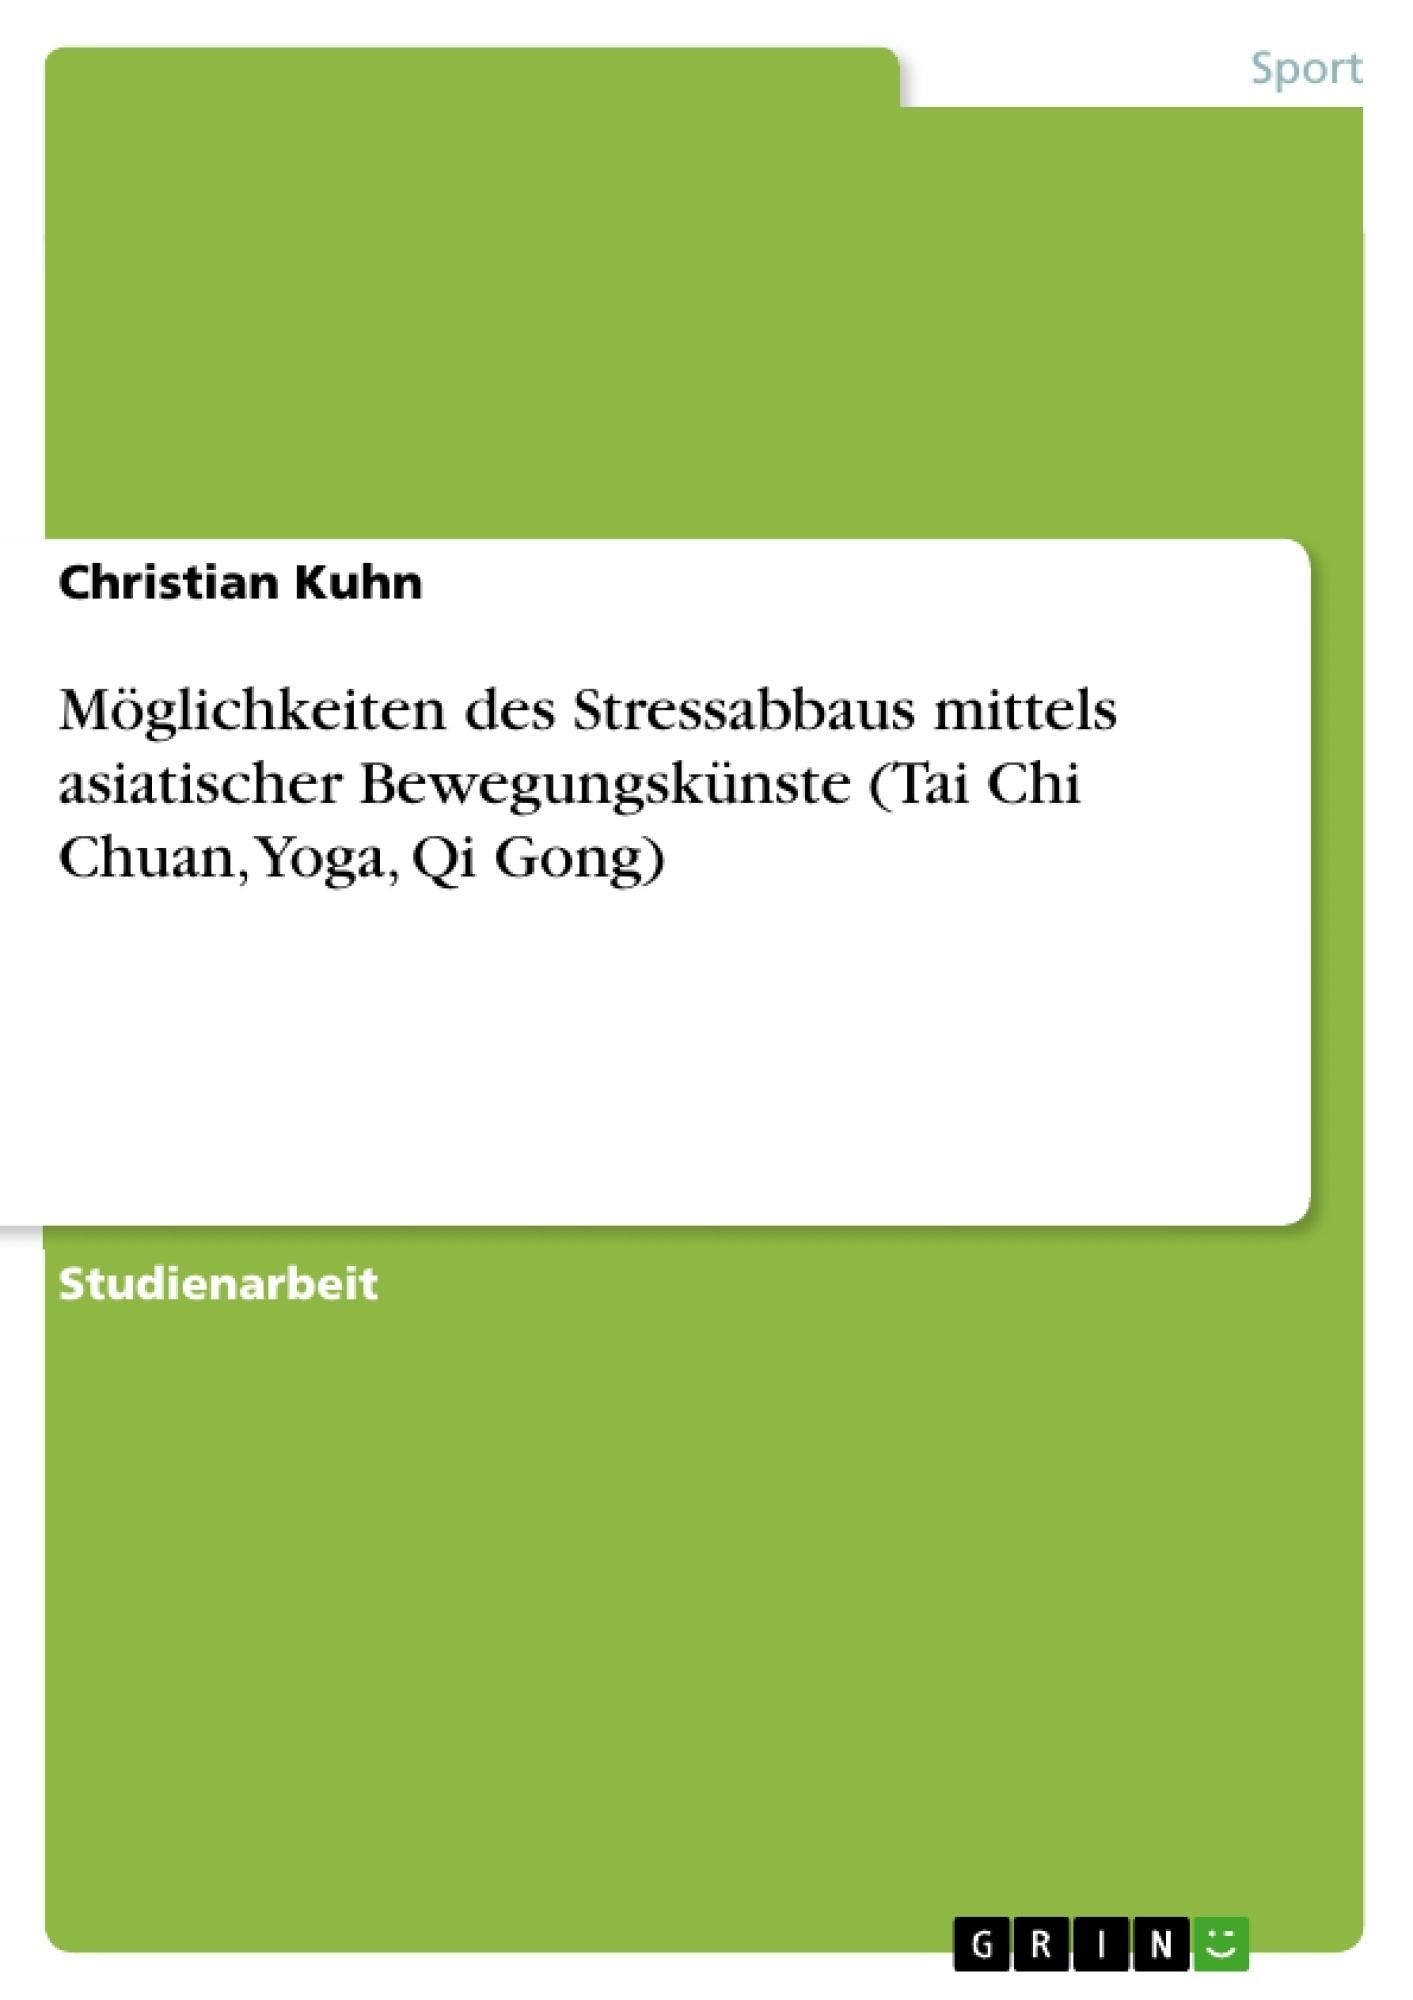 Titel: Möglichkeiten des Stressabbaus mittels asiatischer Bewegungskünste (Tai Chi Chuan, Yoga, Qi Gong)